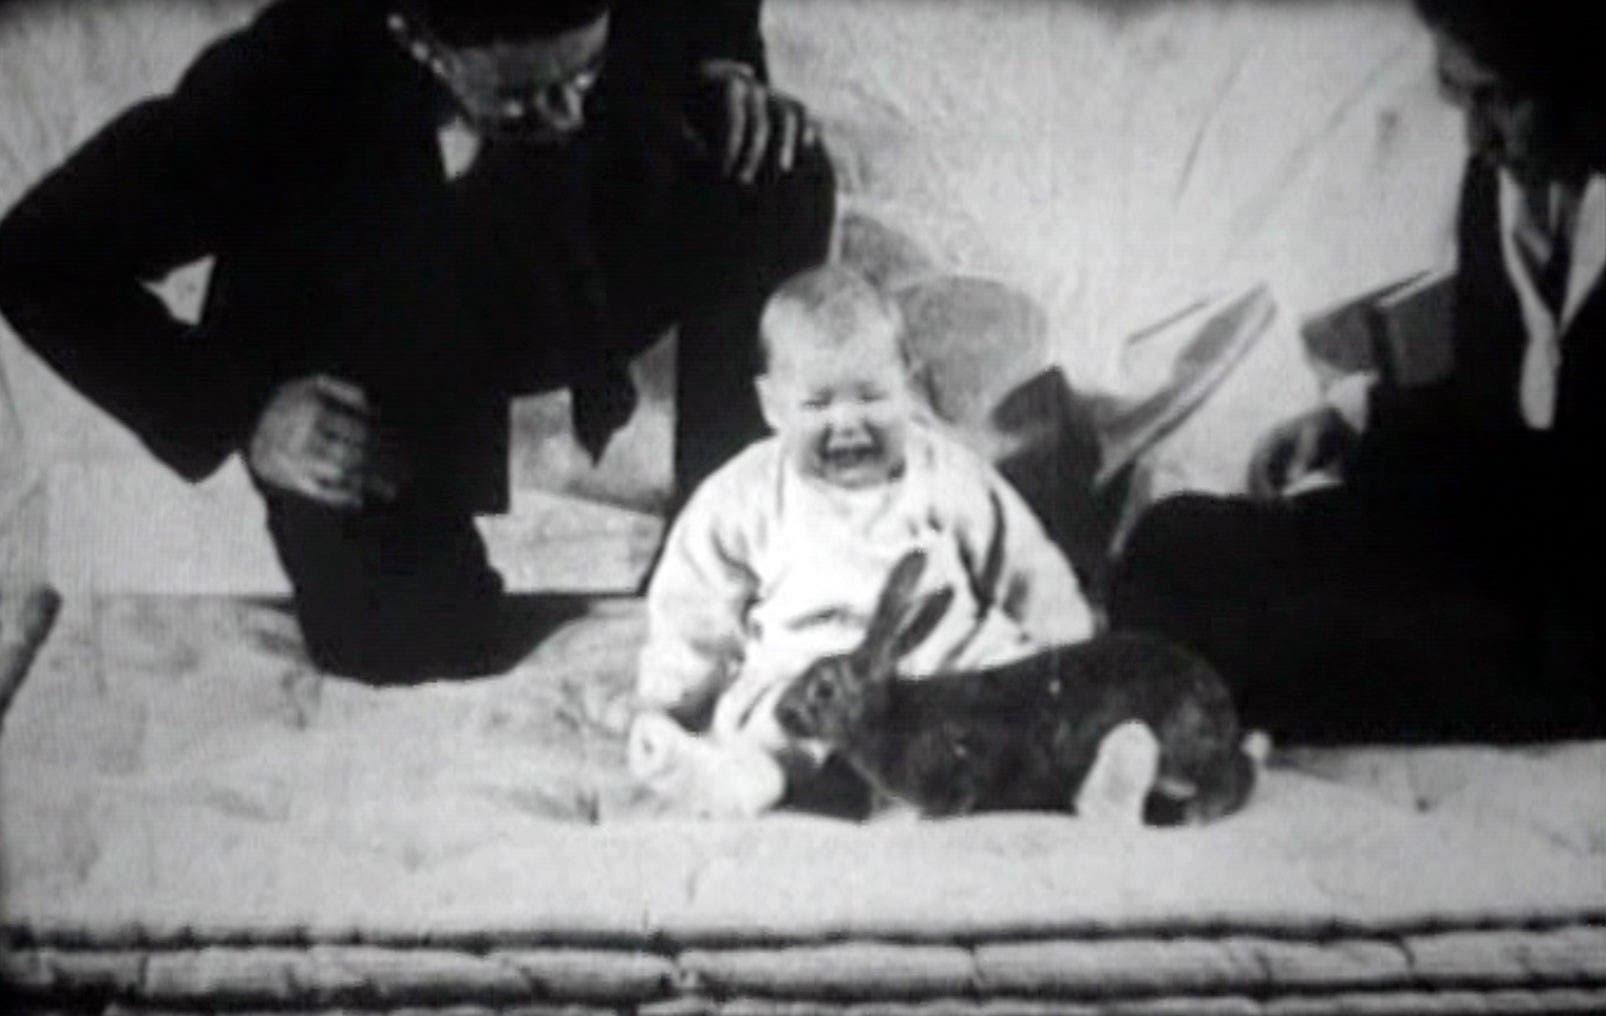 صورة للطفل ألبرت أثناء تفاعله مع أرنب